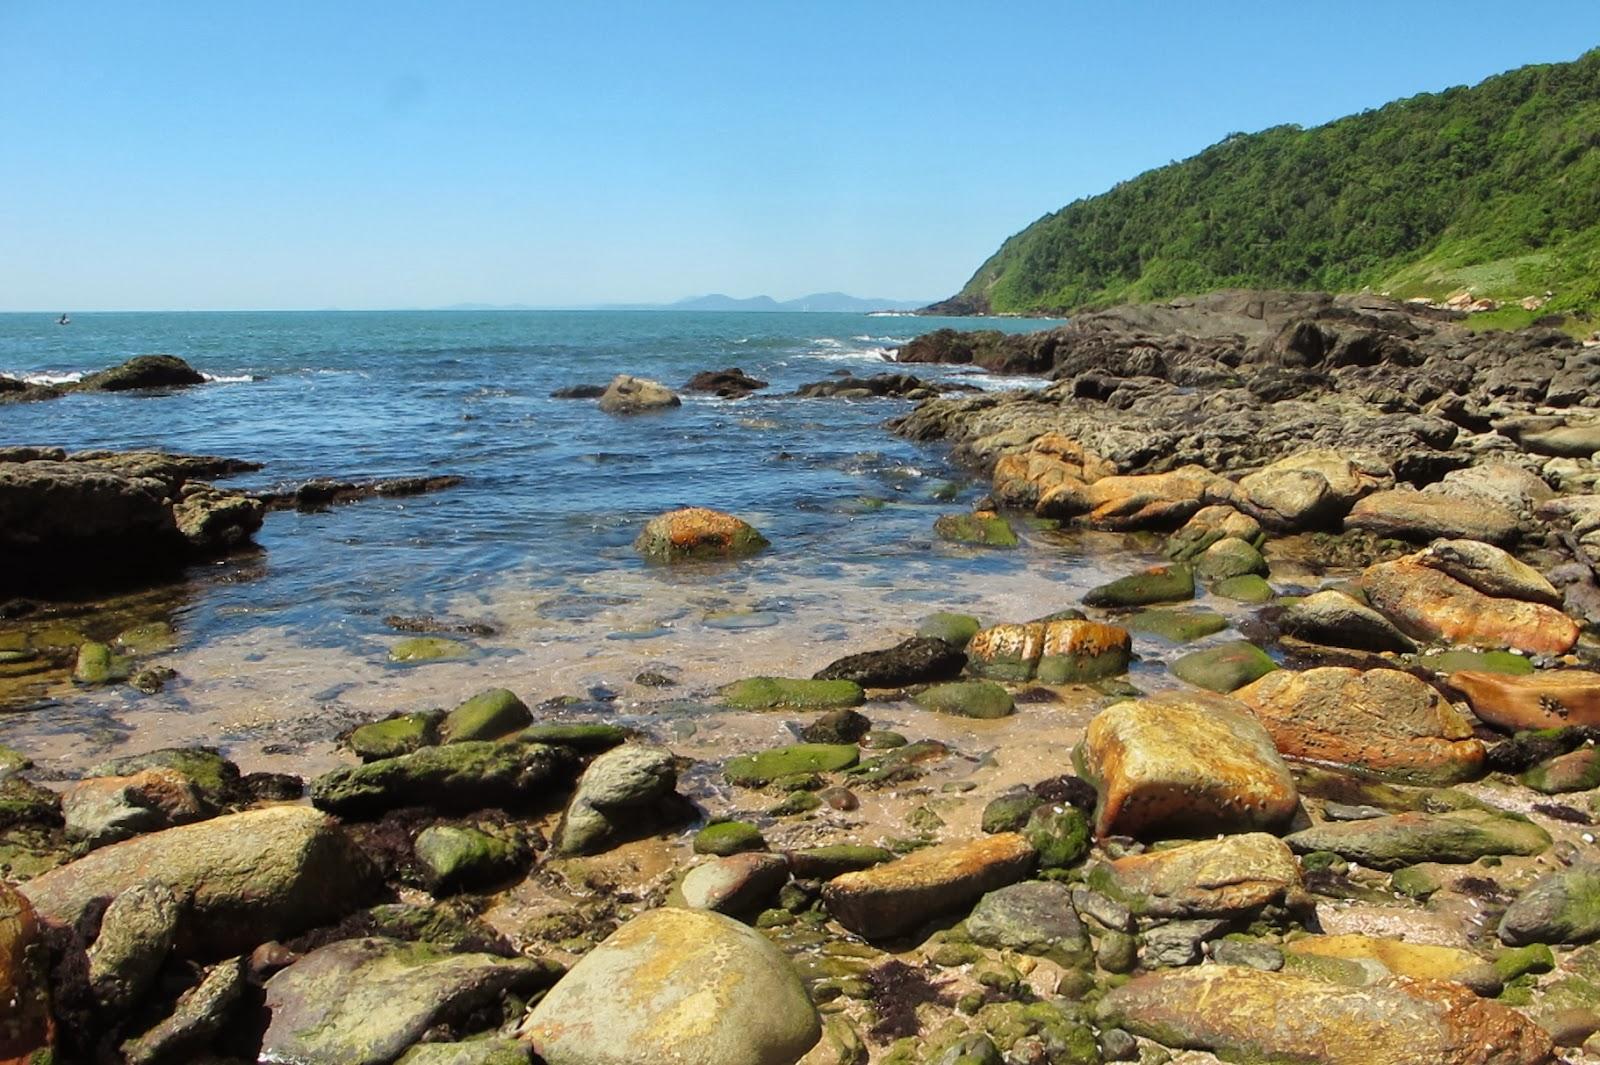 Pedras na Praia Vermelha, em Penha, no litoral catarinense.